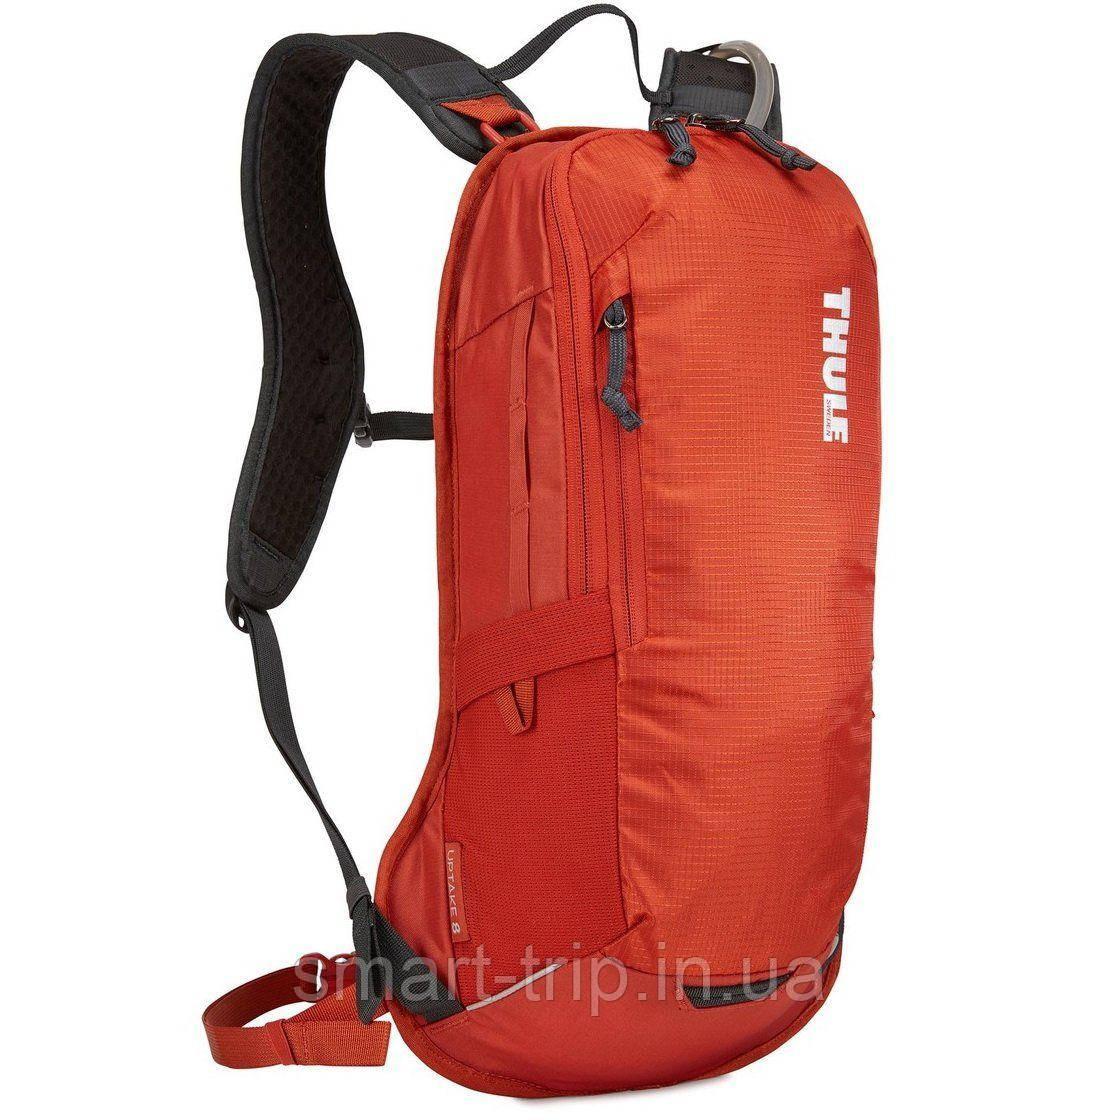 Гидратор рюкзак Thule UpTake 8L (HydraPak 2,5 л) Rooibos красный 3203806